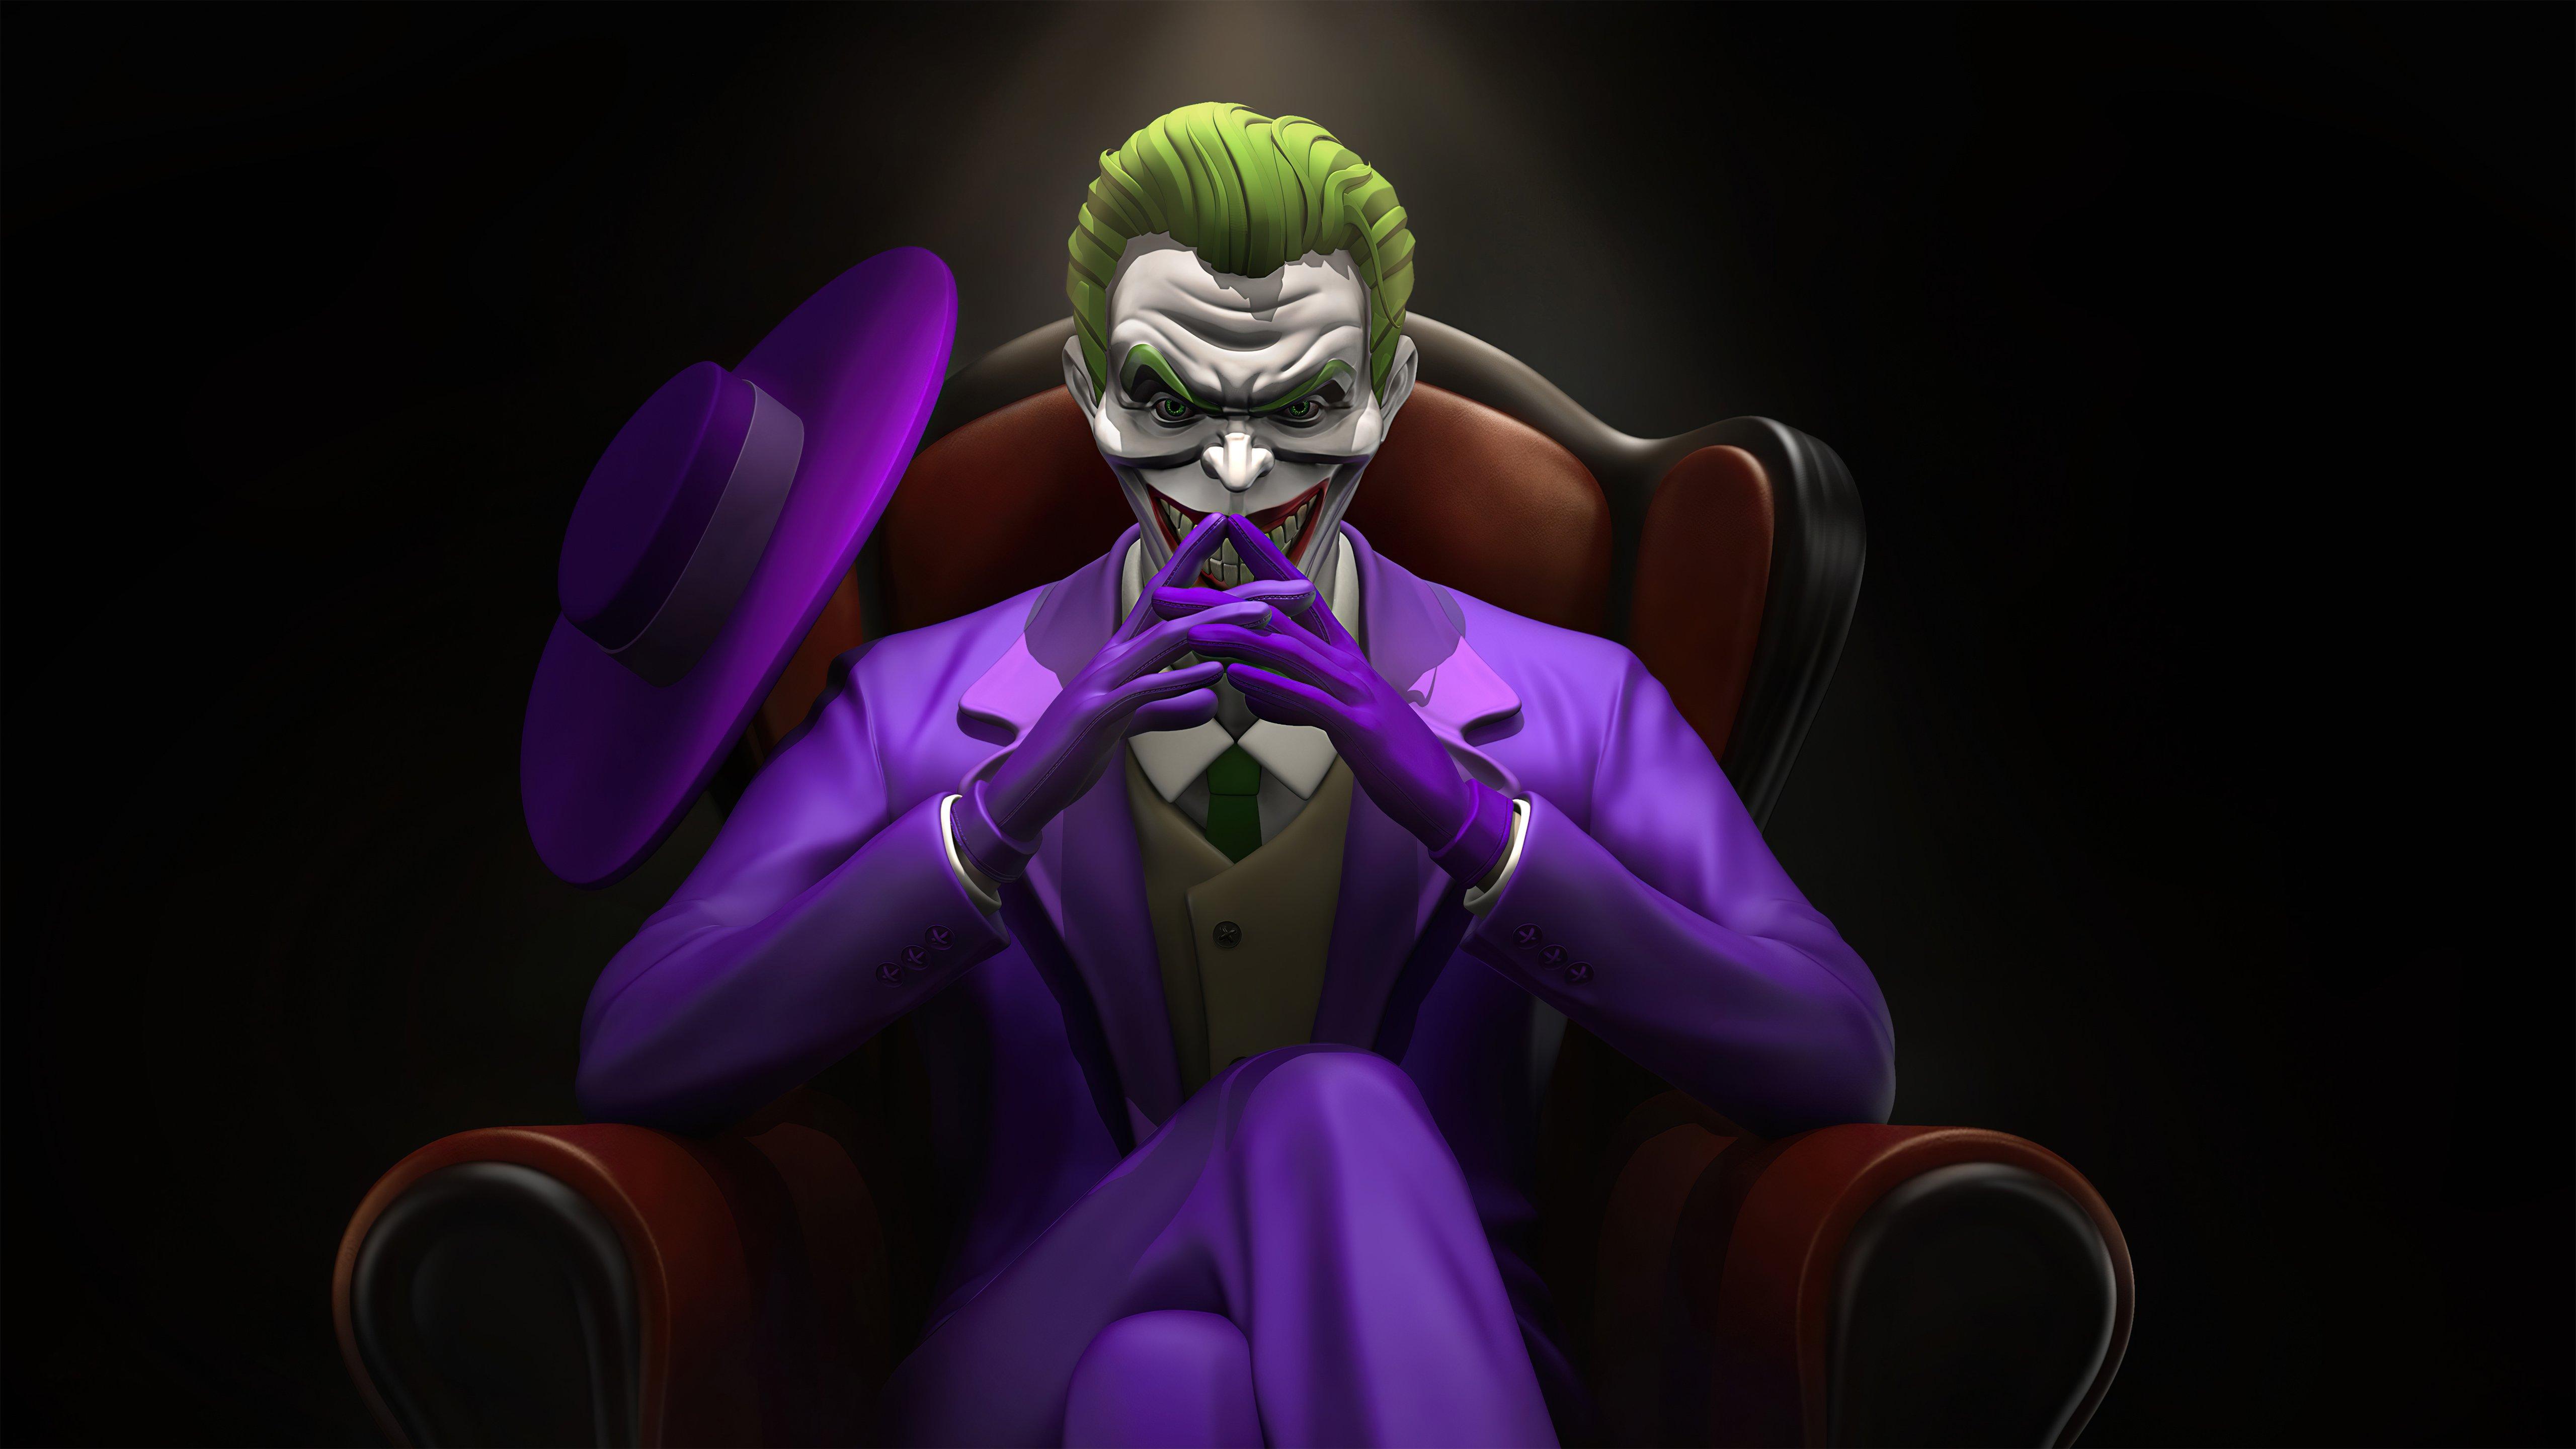 Wallpaper Joker thinking